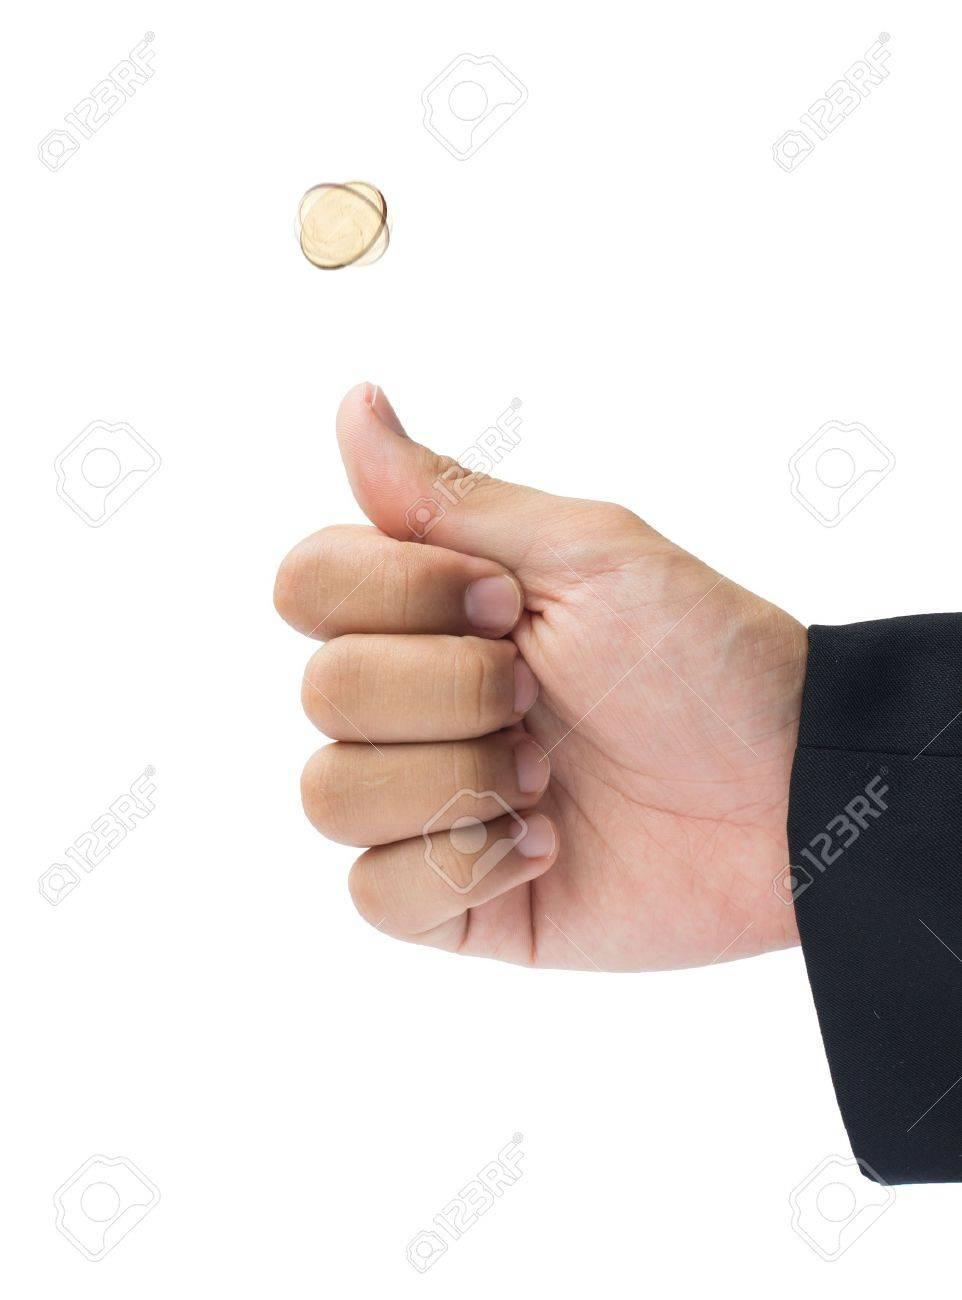 Wirf Eine Münze Auf Weißen Hintergrund Isolieren Lizenzfreie Fotos